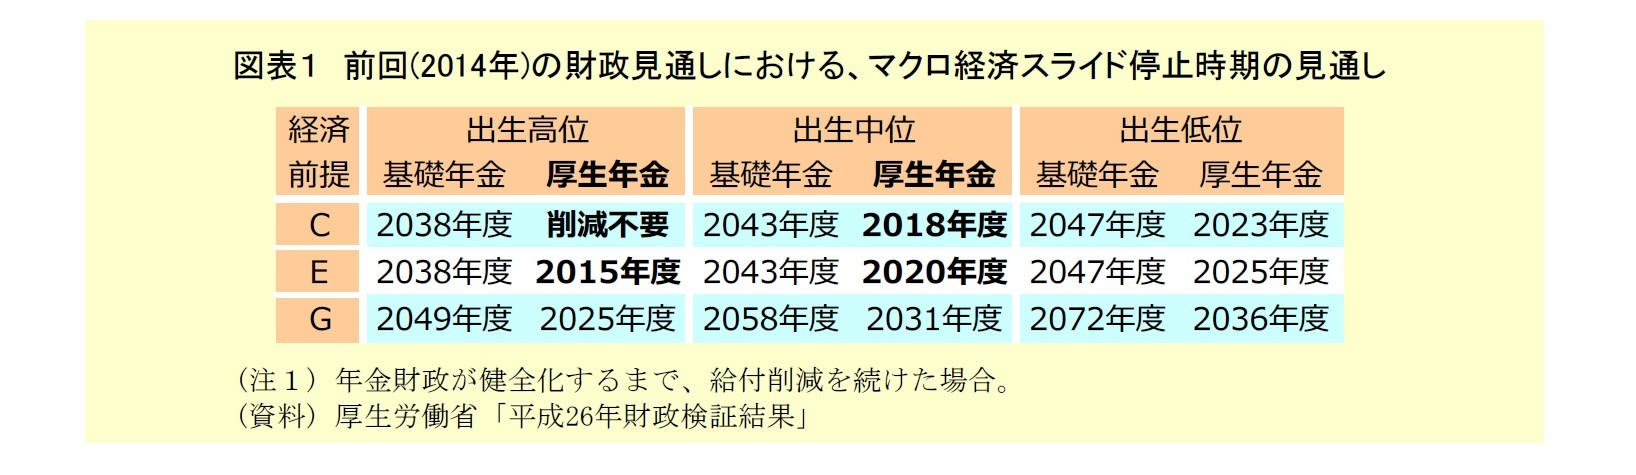 図表1:前回の財政見通しにおける、マクロ経済スライド停止期間の見通し